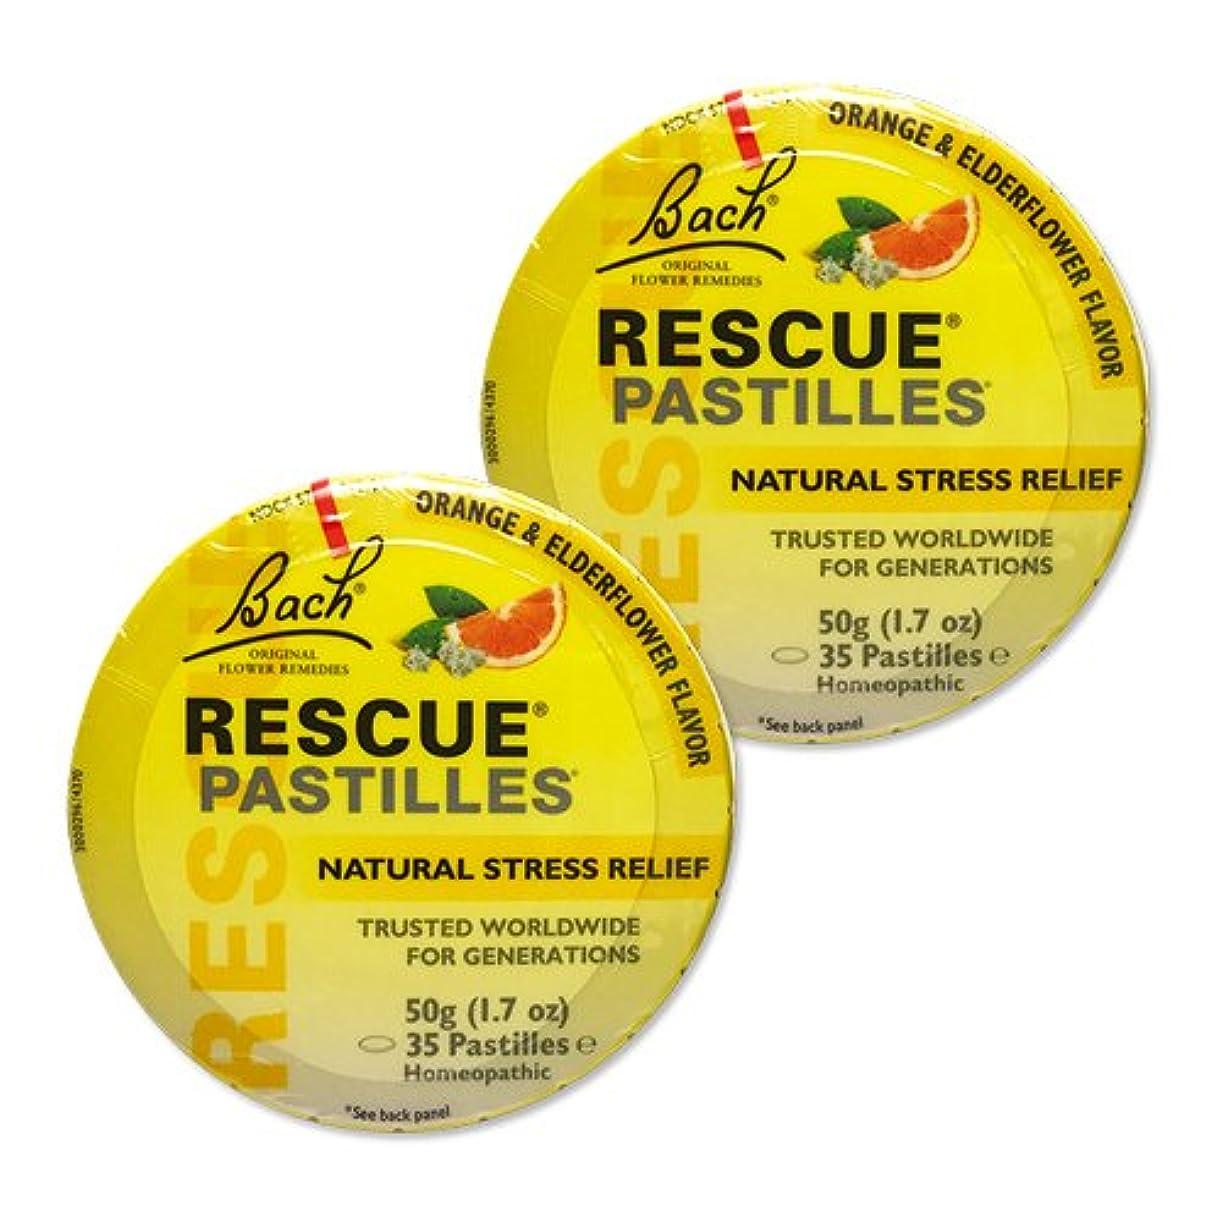 専制なしで修理可能【2個セット】 [海外直送品]バッチフラワー レスキューレメディー パステル(オレンジ) Rescue Pastilles: For Occasional...